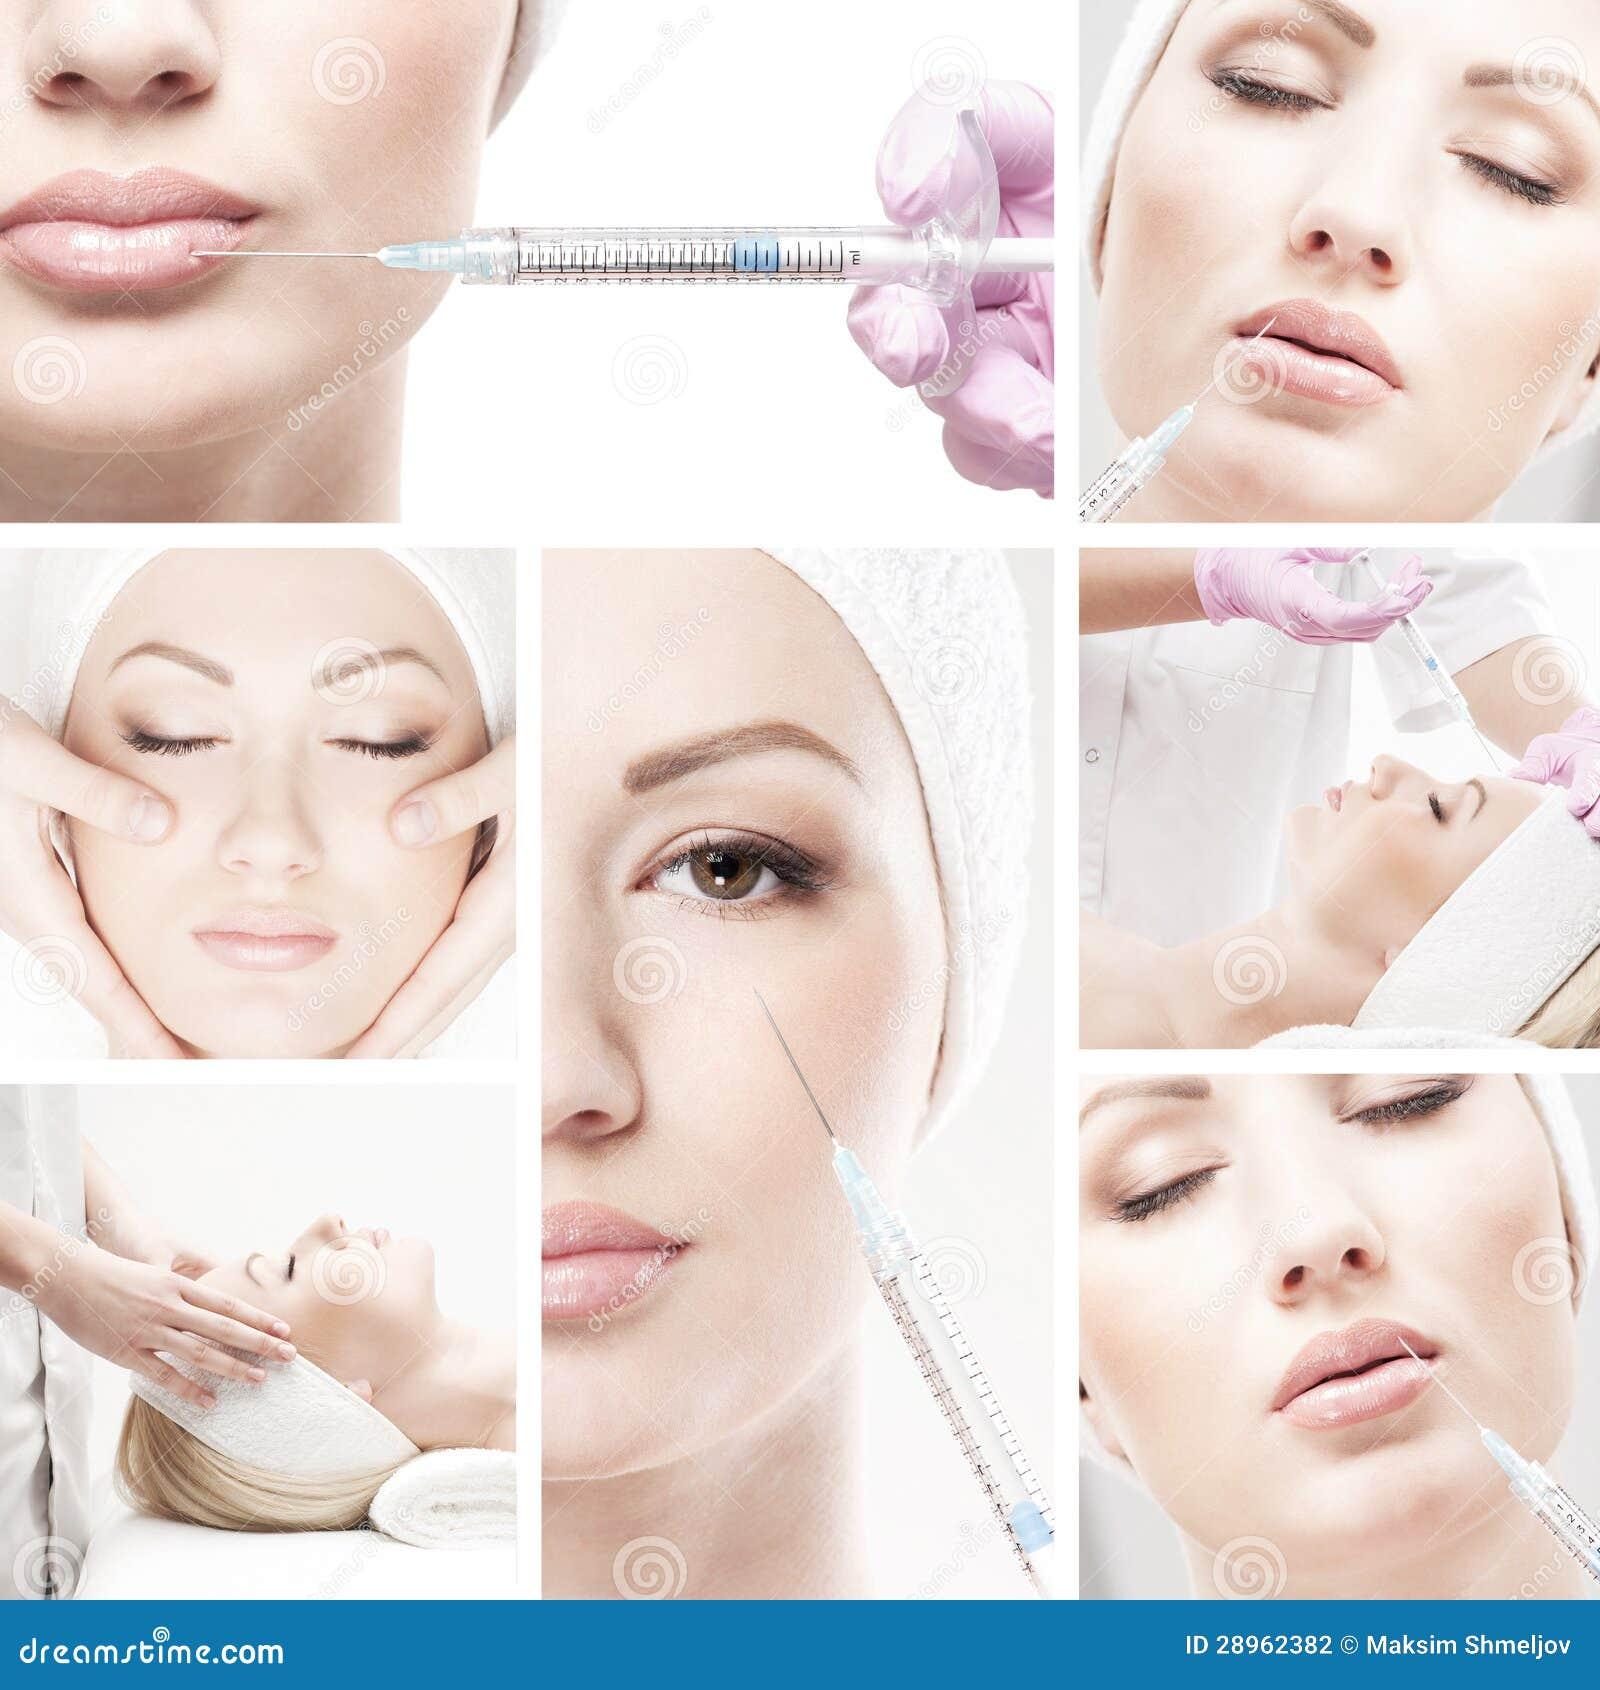 Kolaż wizerunki z młodą kobietą na botox procedurze